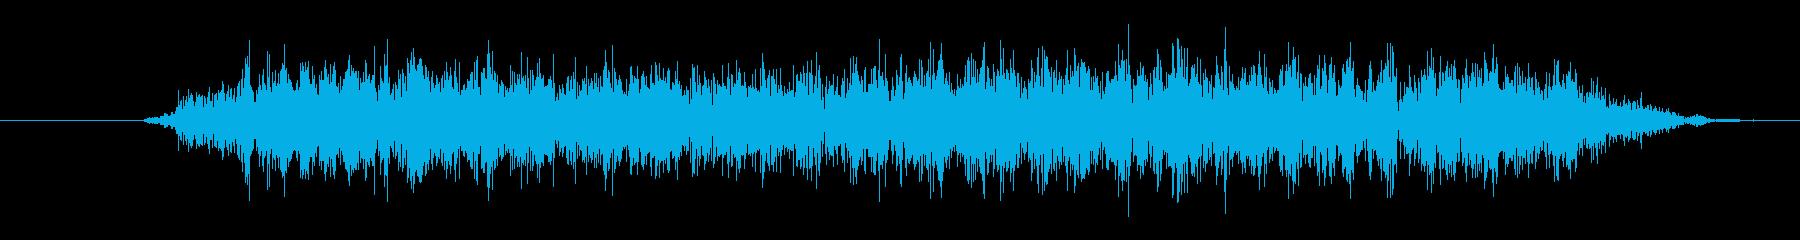 大きなクリーチャー:低音のうなり声の再生済みの波形